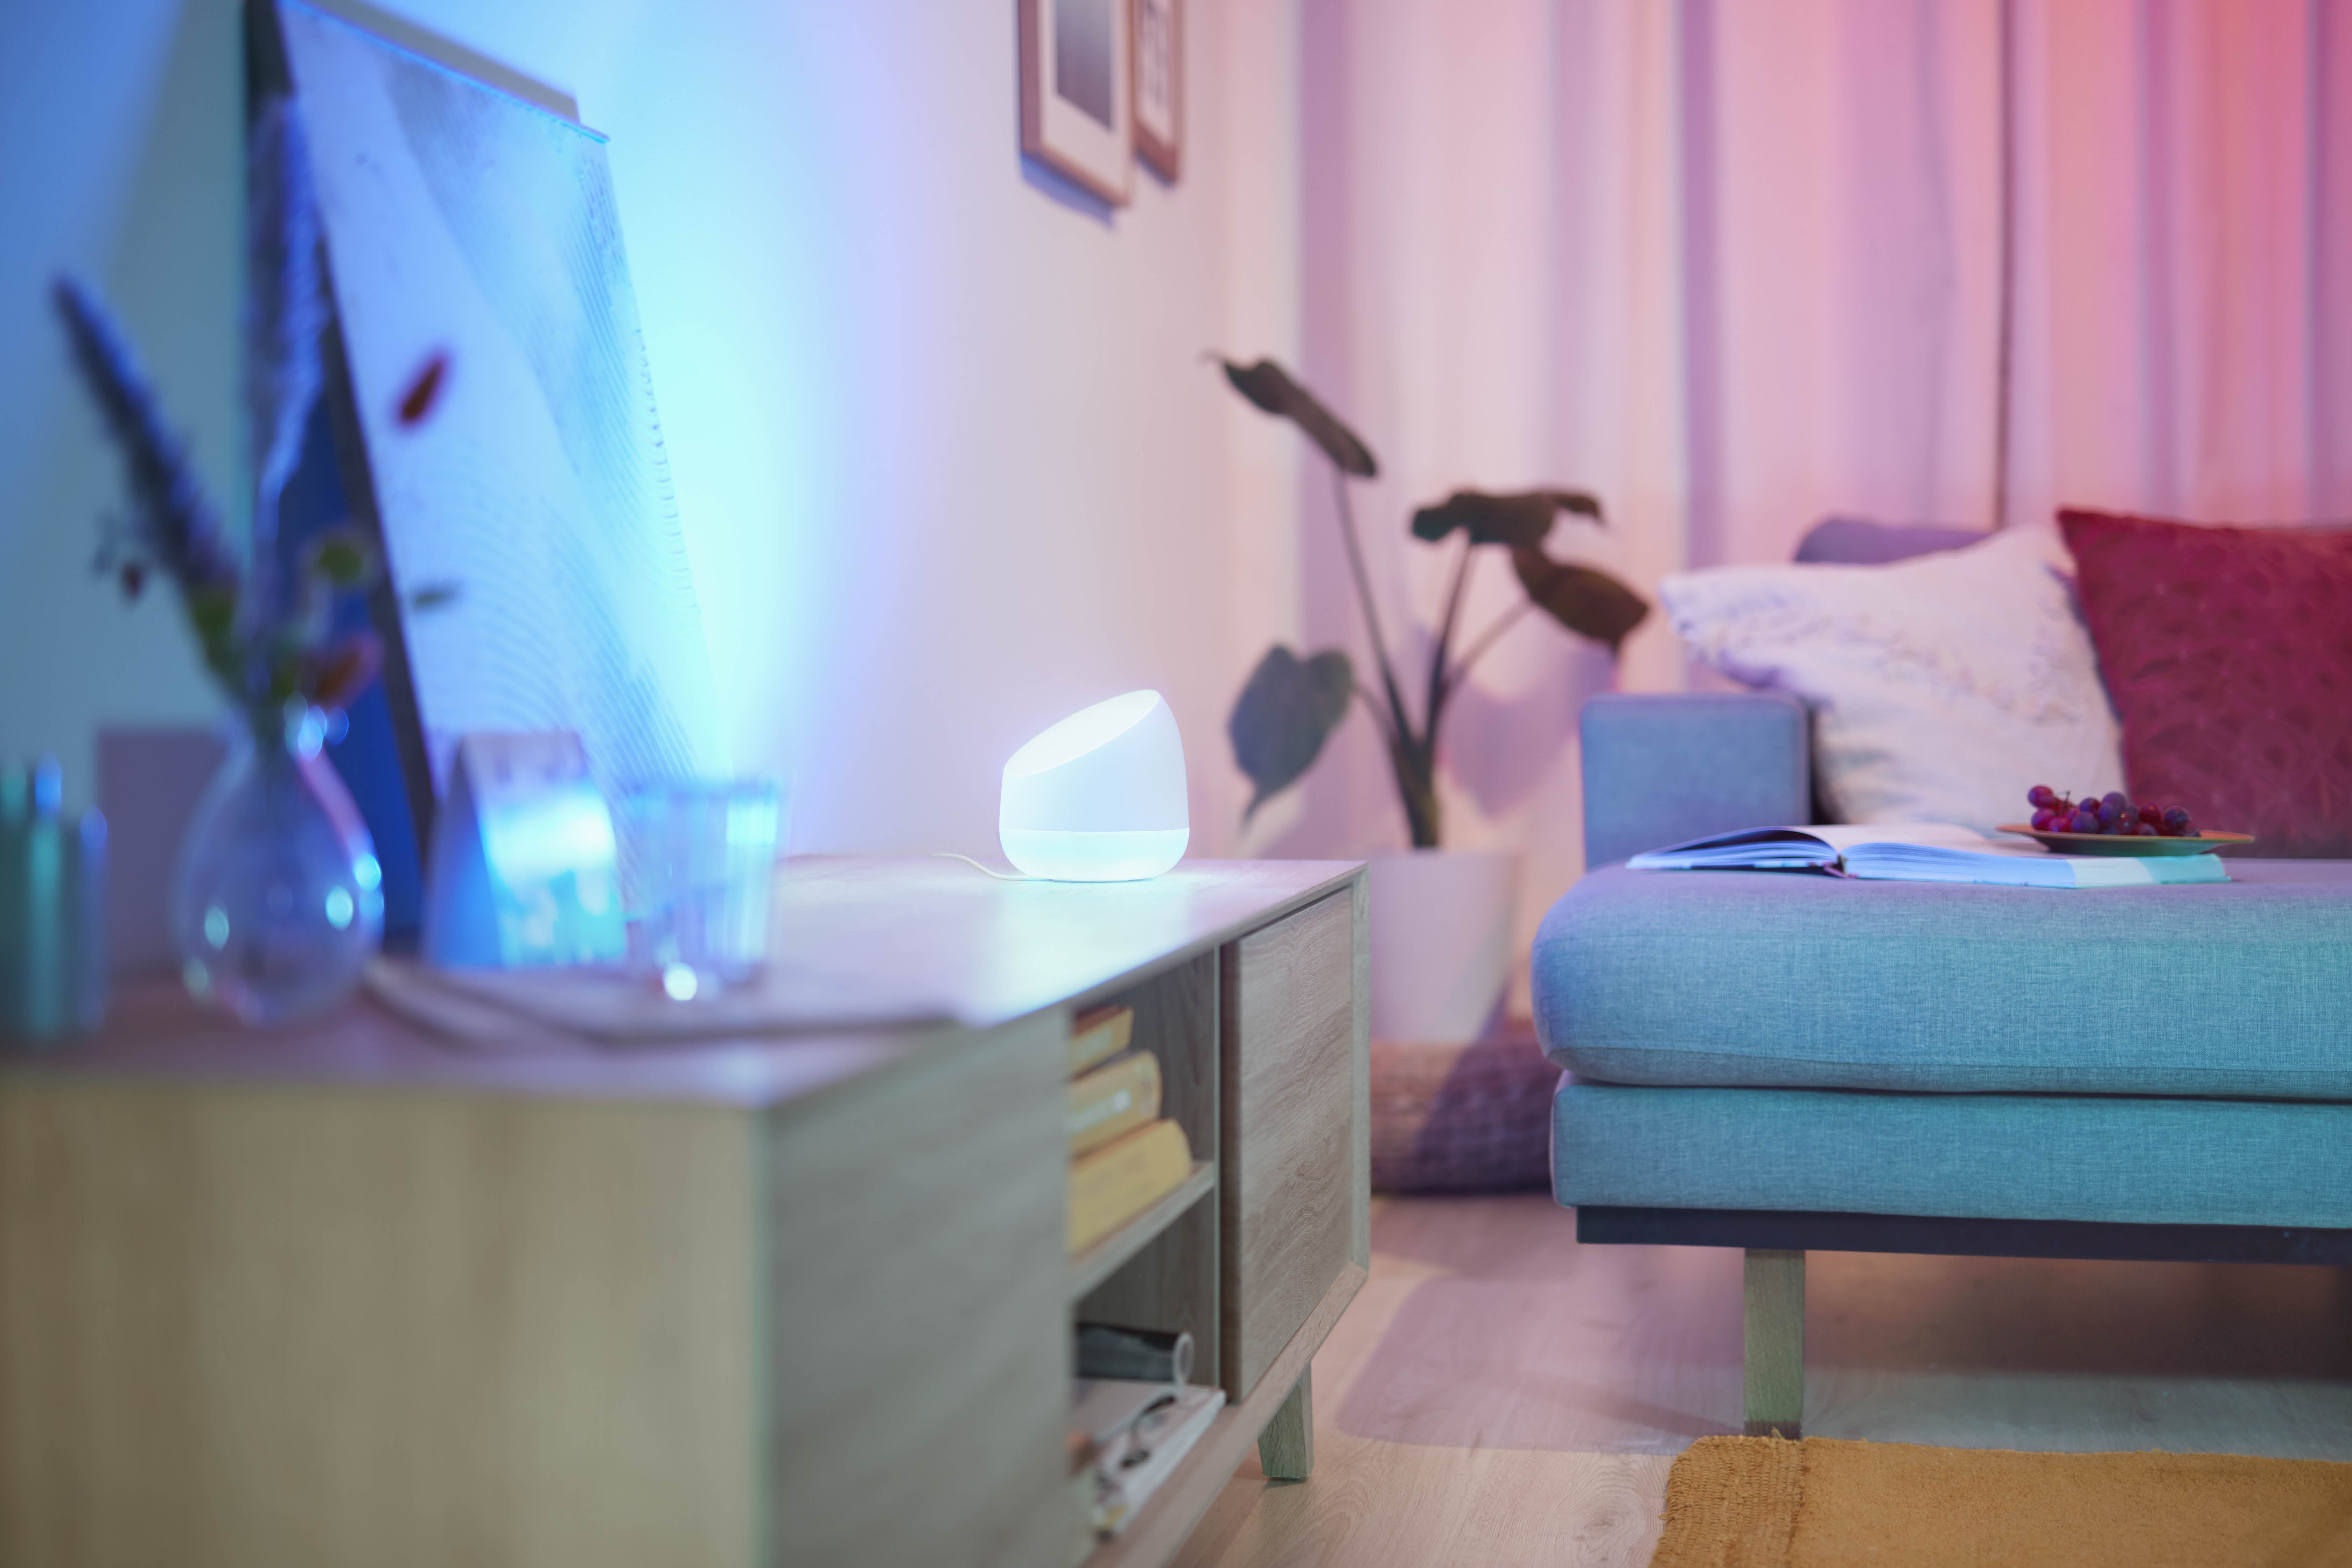 Iluminat inteligent pentru întreaga locuință: Signify lansează noi produse accesibile WiZ